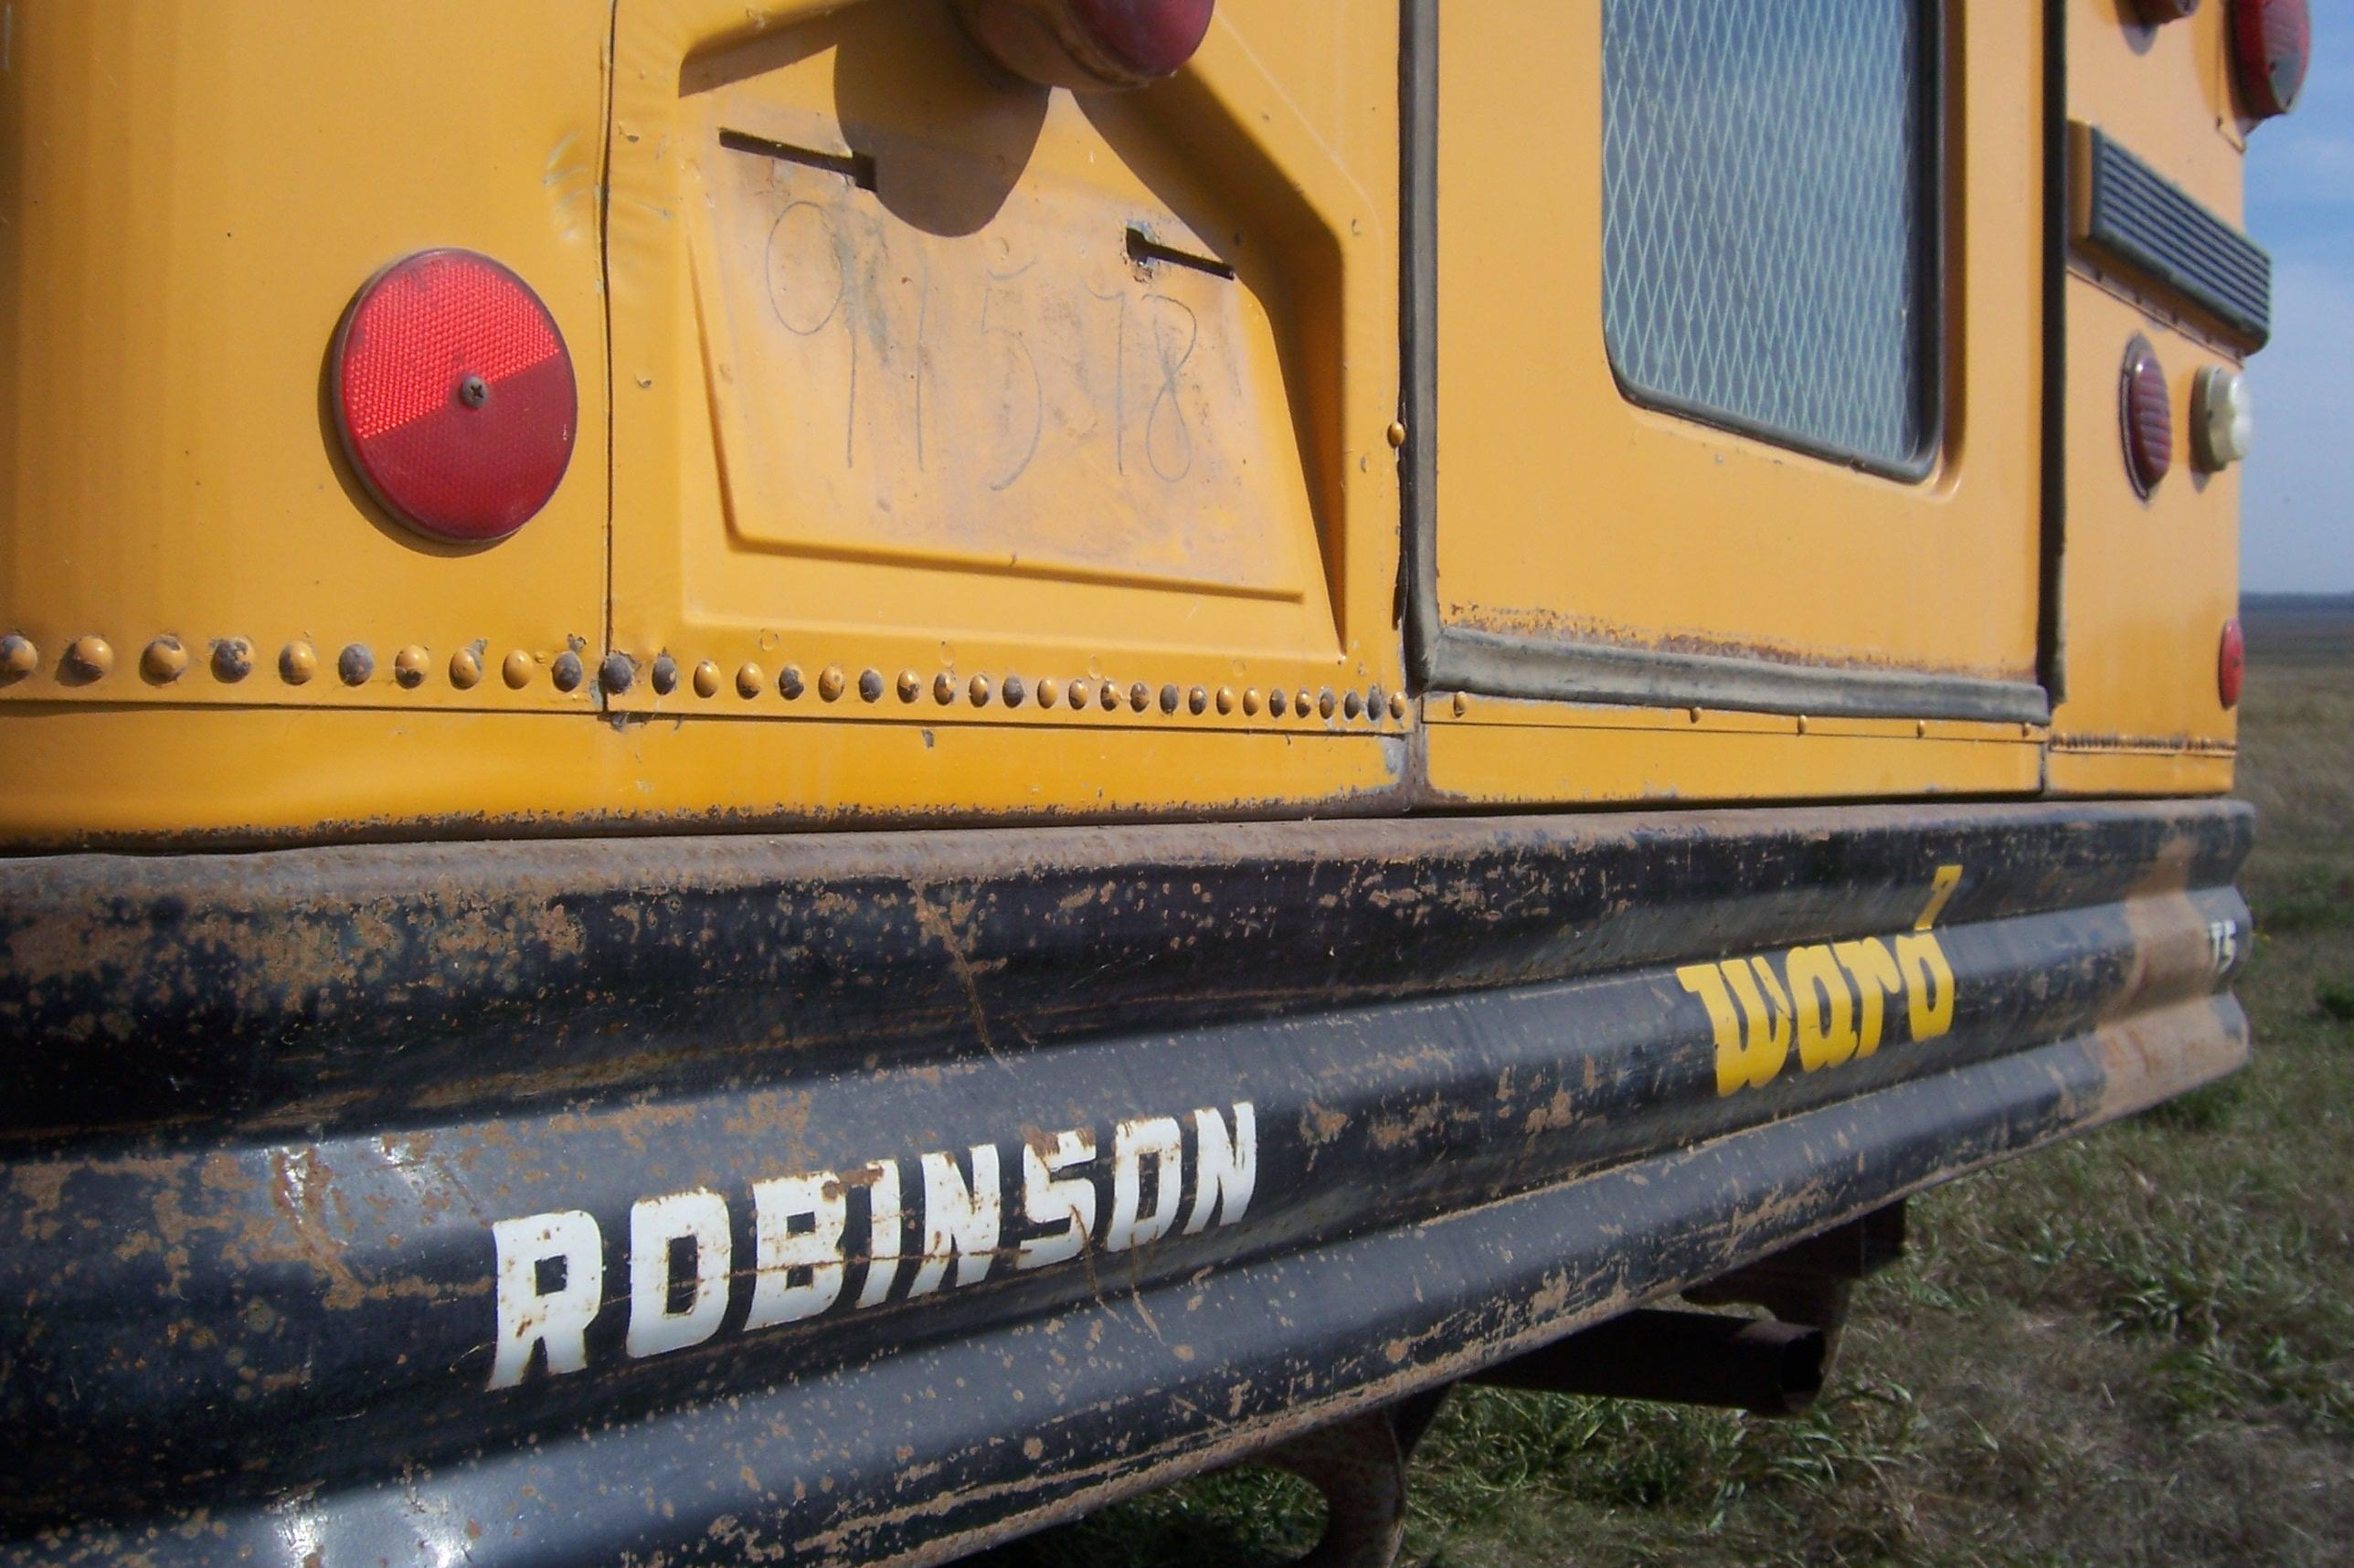 Bus025